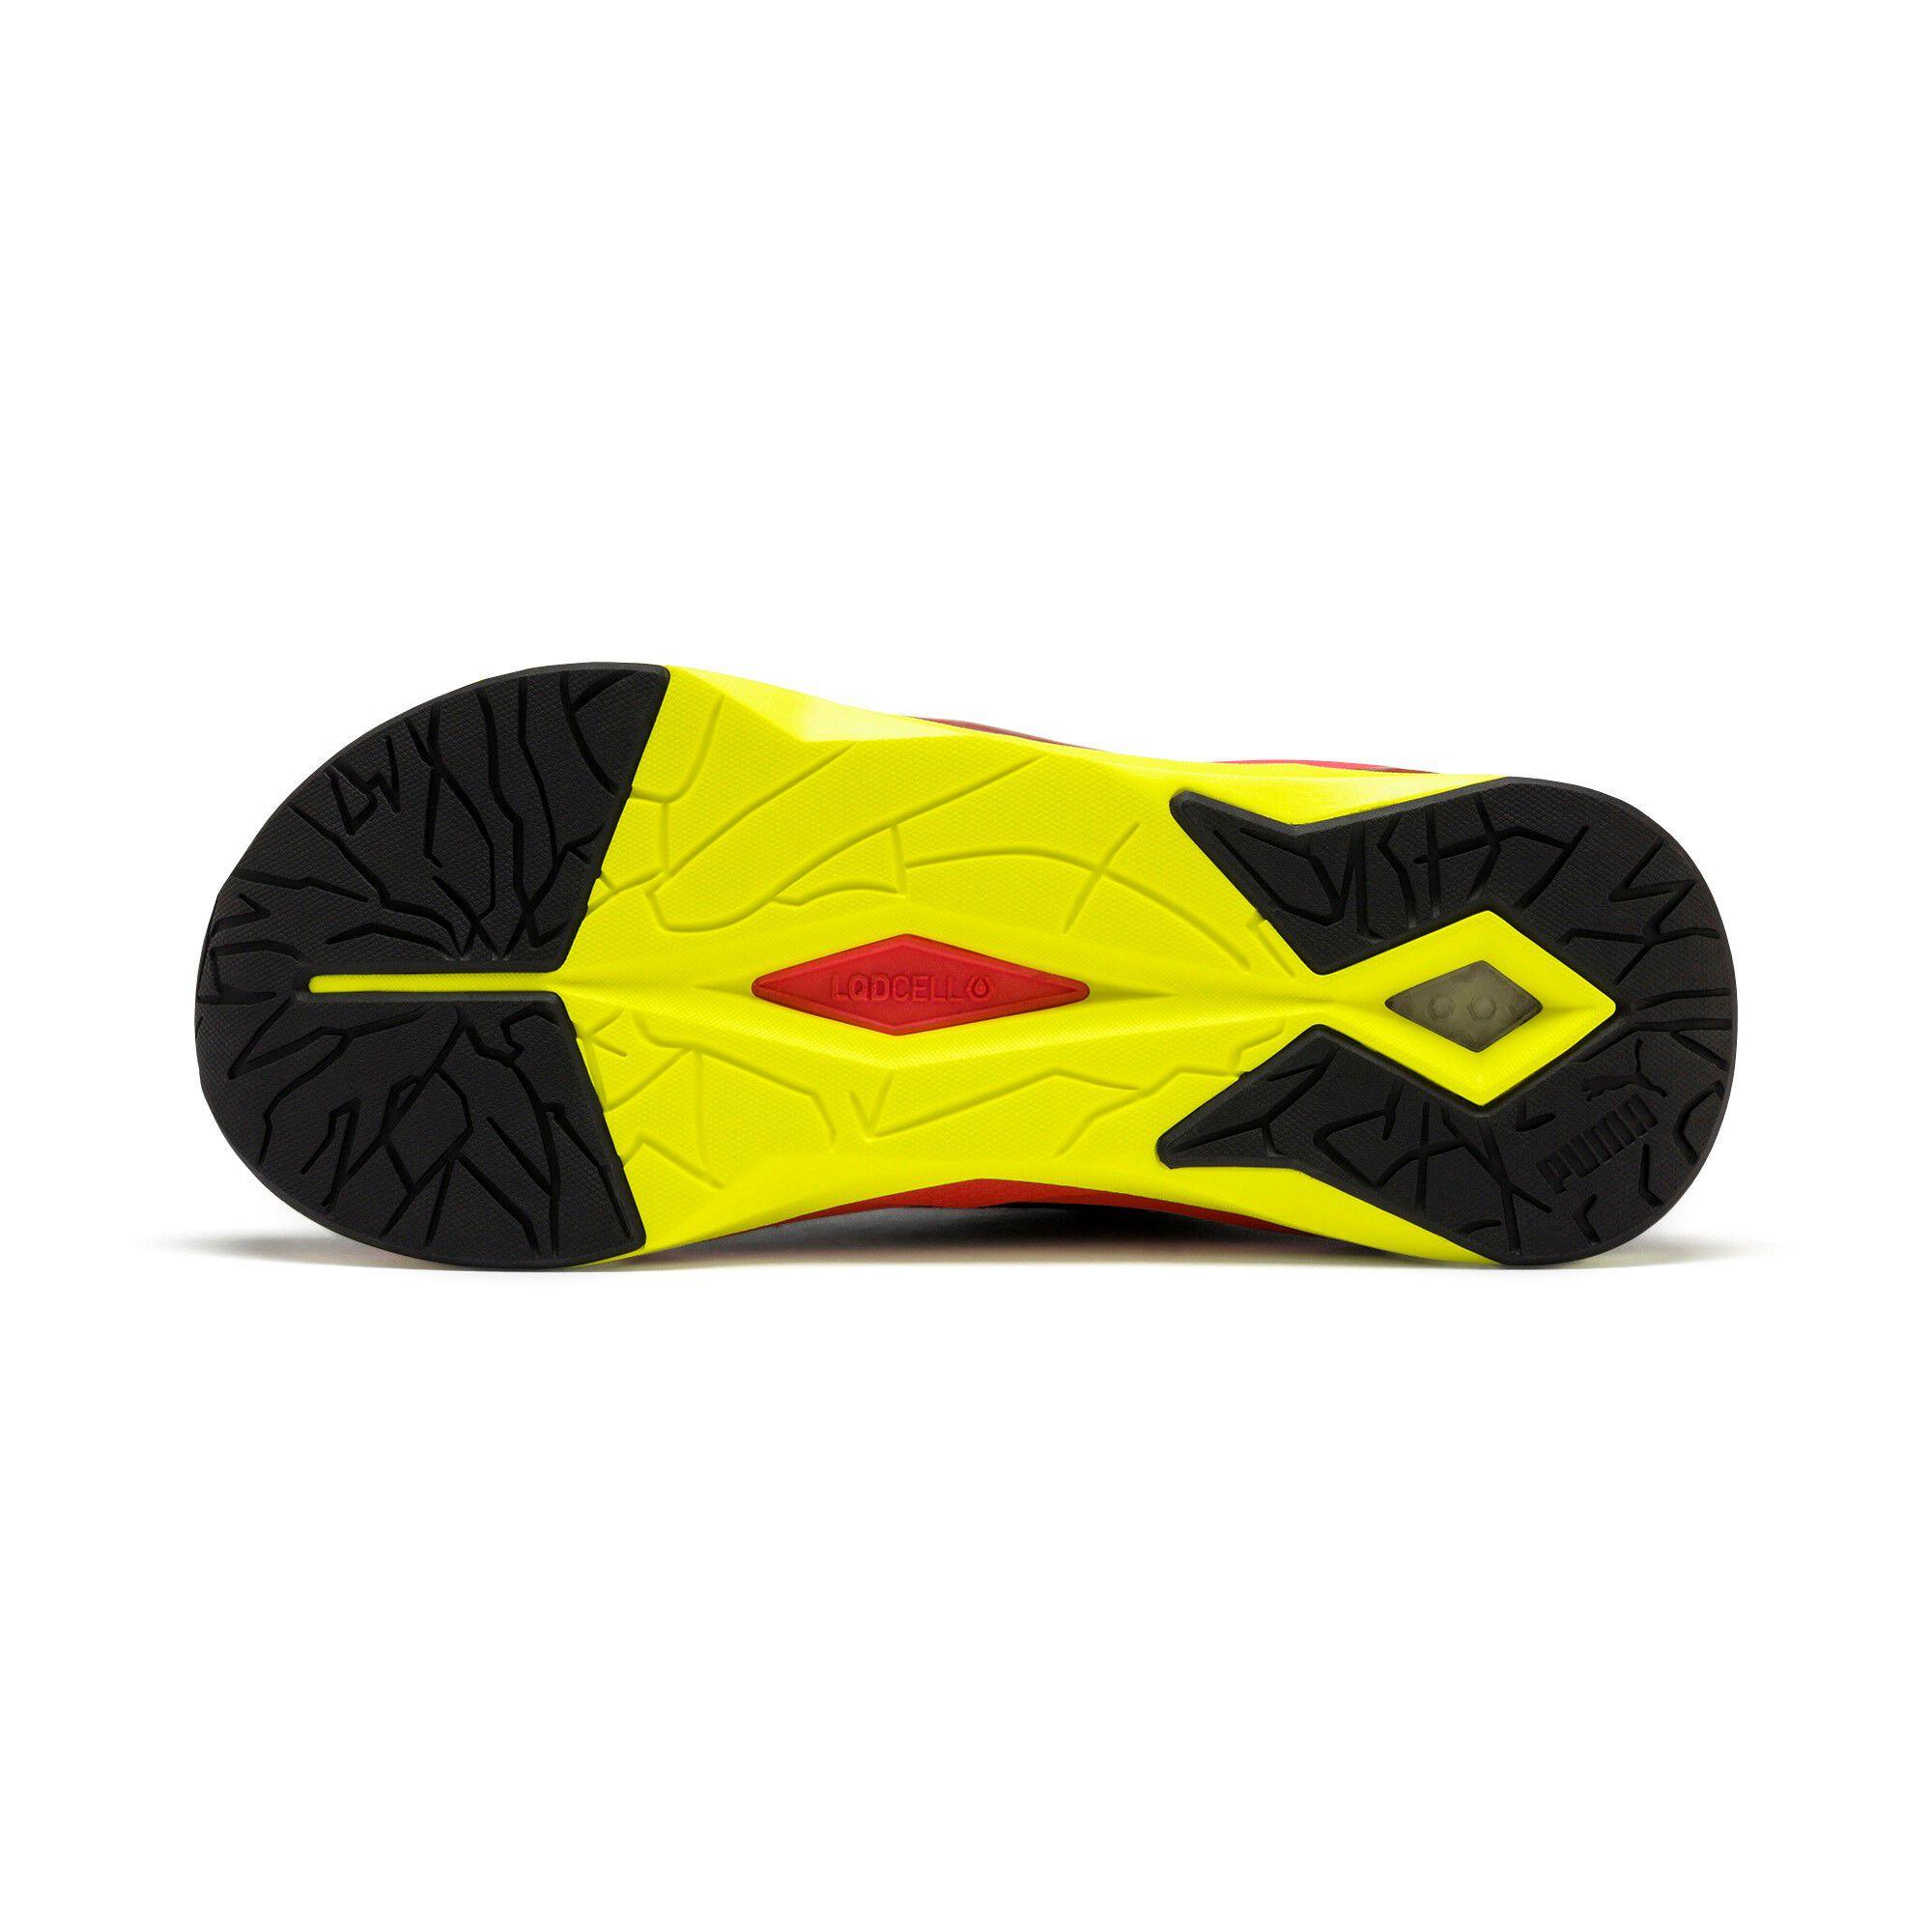 Puma LQDCell Shatter XT Sneaker Damen Schwarz, Gelb online